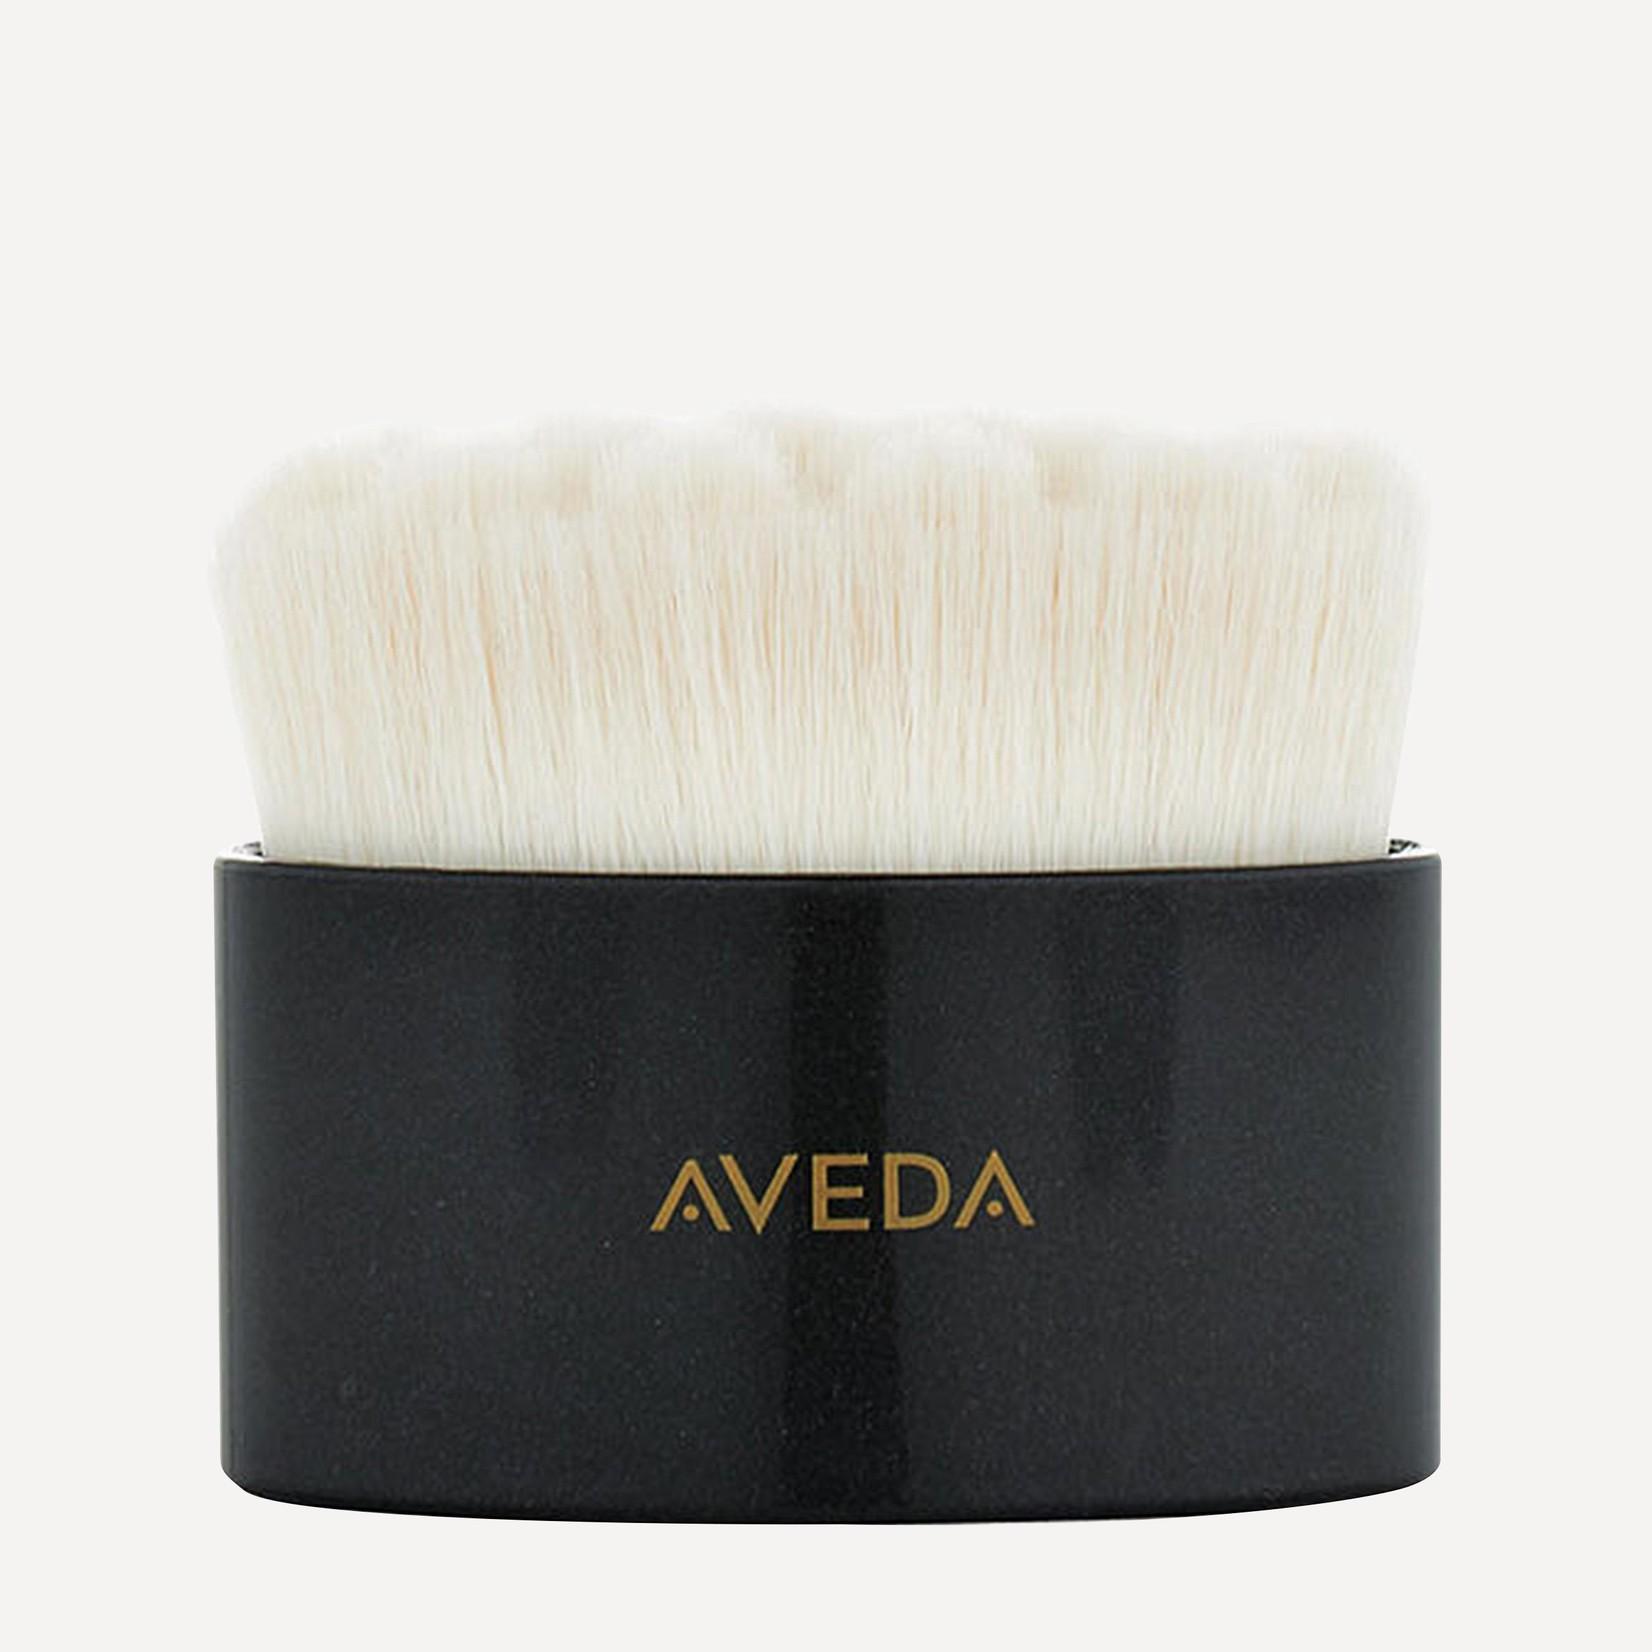 AVEDA Tulasāra™ Radiant Facial Dry Brush